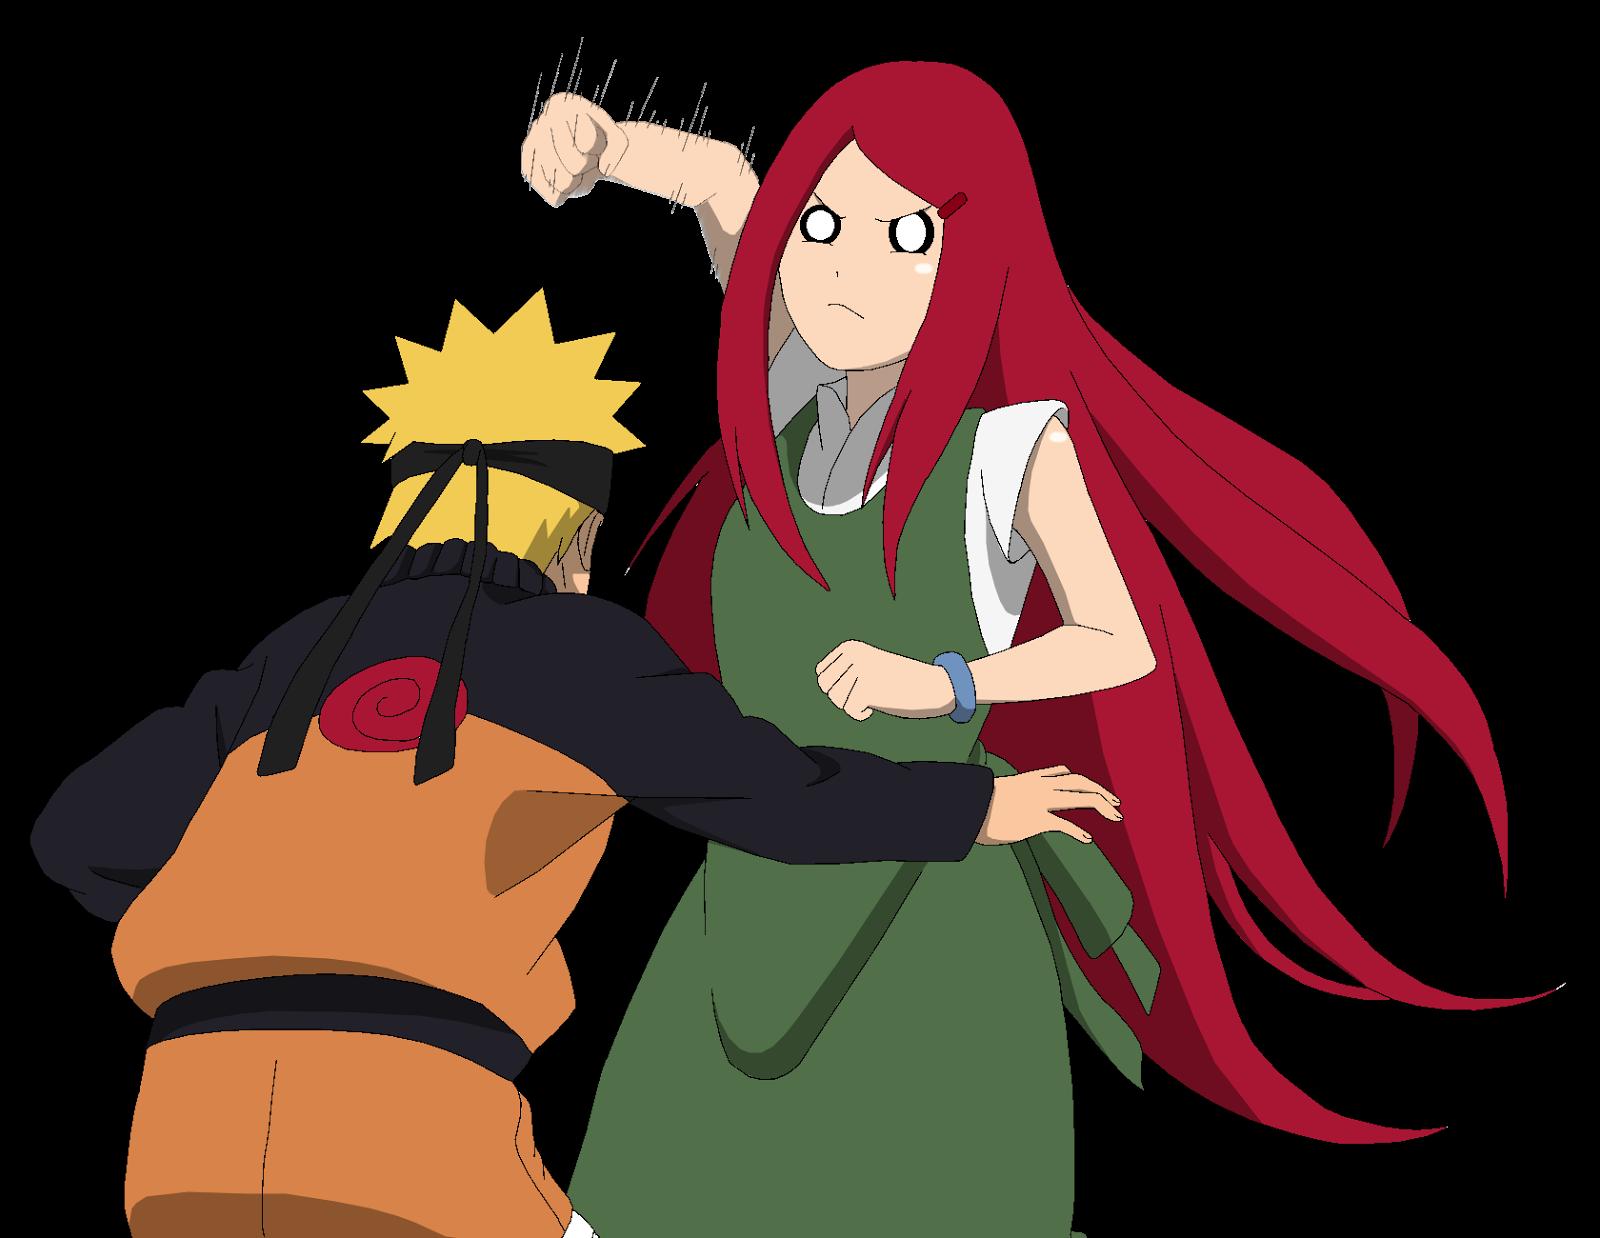 funny anime transparent: Animé Imágenes By Akatsuki Karasu: 29 Renders De Naruto